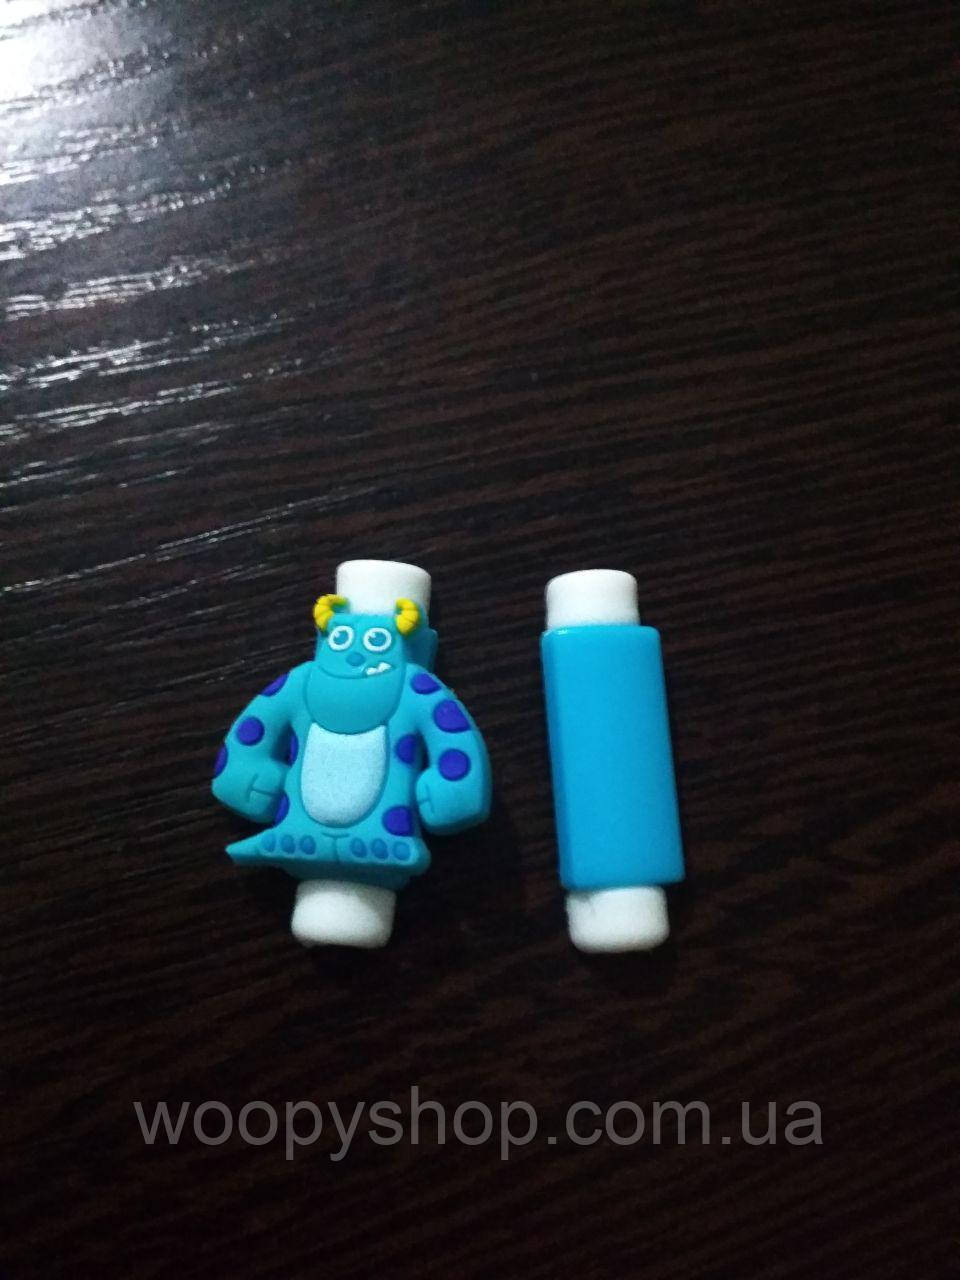 Защита для кабеля USB